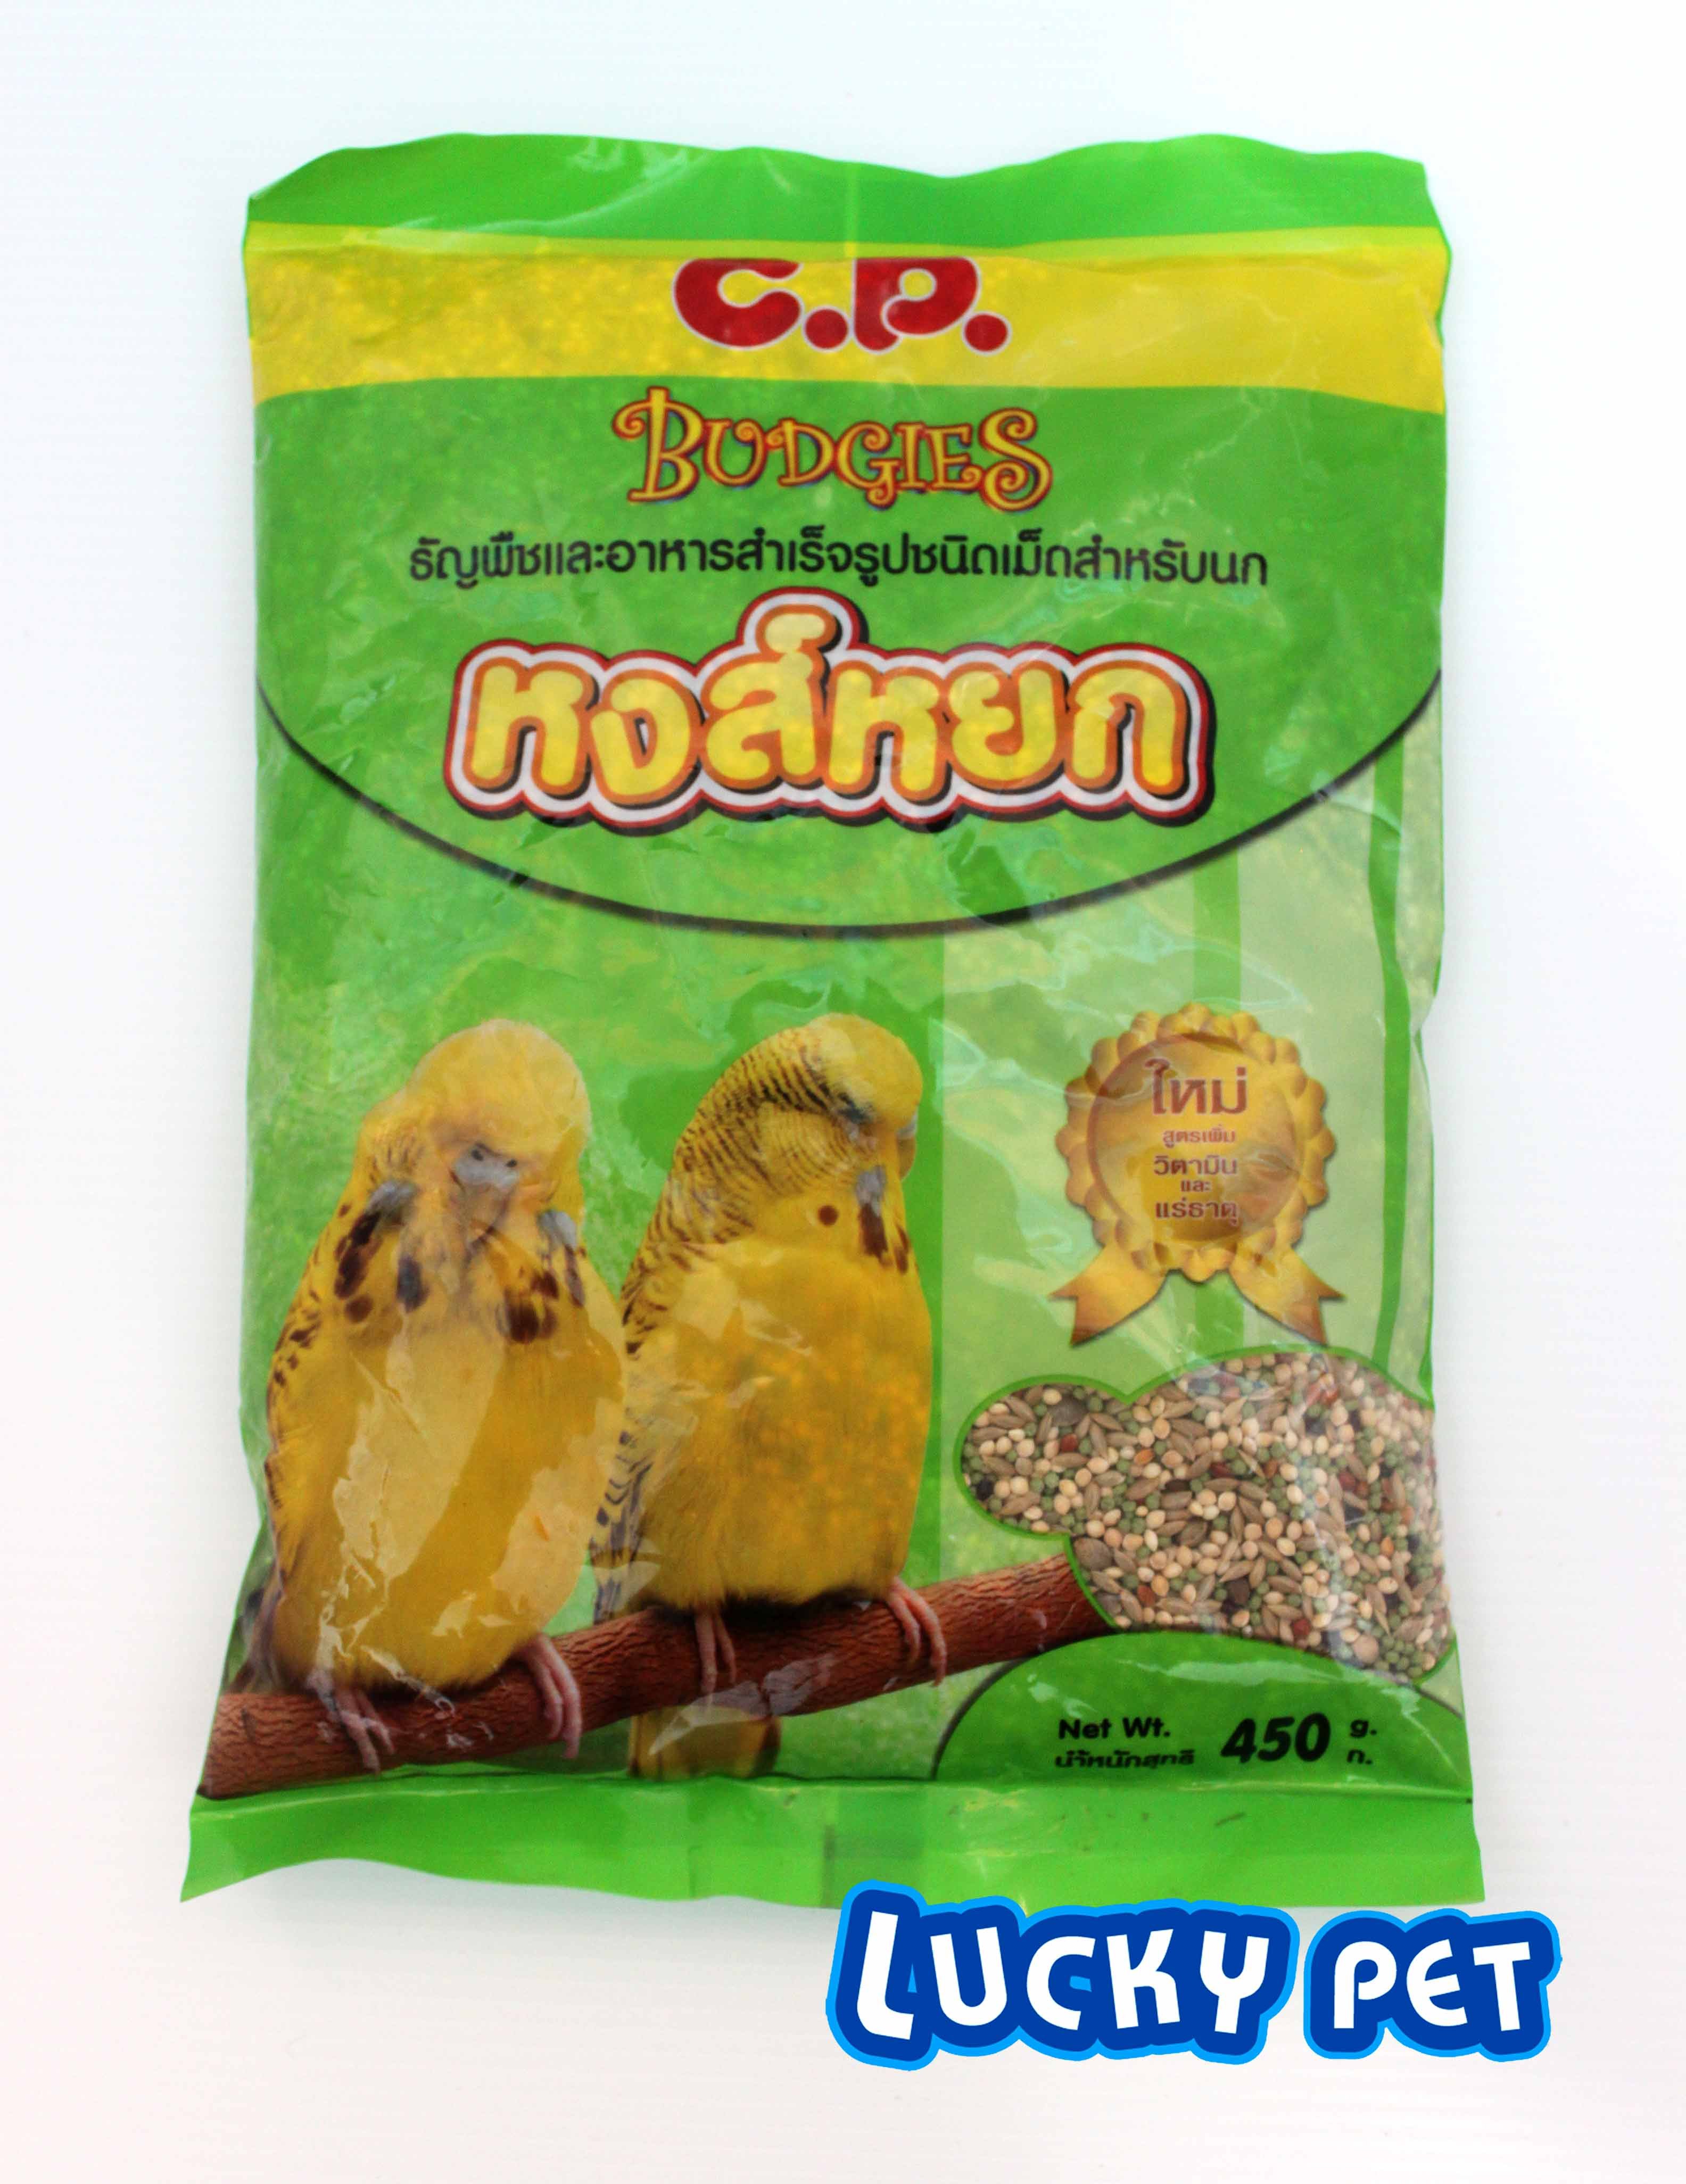 ซีพี นกหงส์หยก 450 g.สั่งซื้อ 1 โหลในราคา 450 บาท